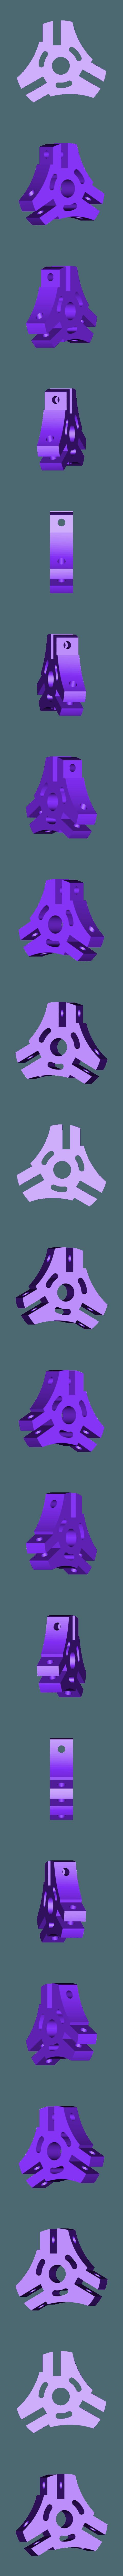 axle_mount-v2.STL Télécharger fichier STL gratuit Transformateur de bobine • Design pour imprimante 3D, perinski